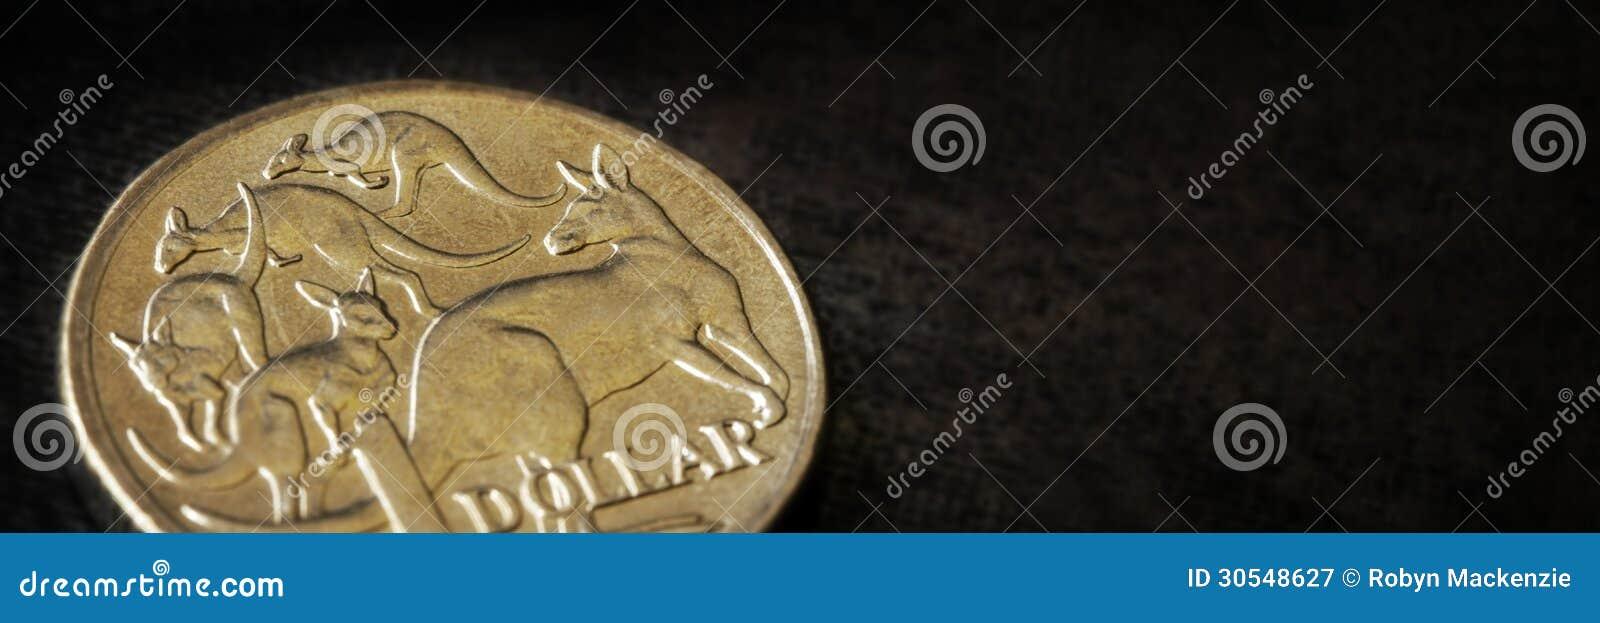 Australische Dollar Macrobanner